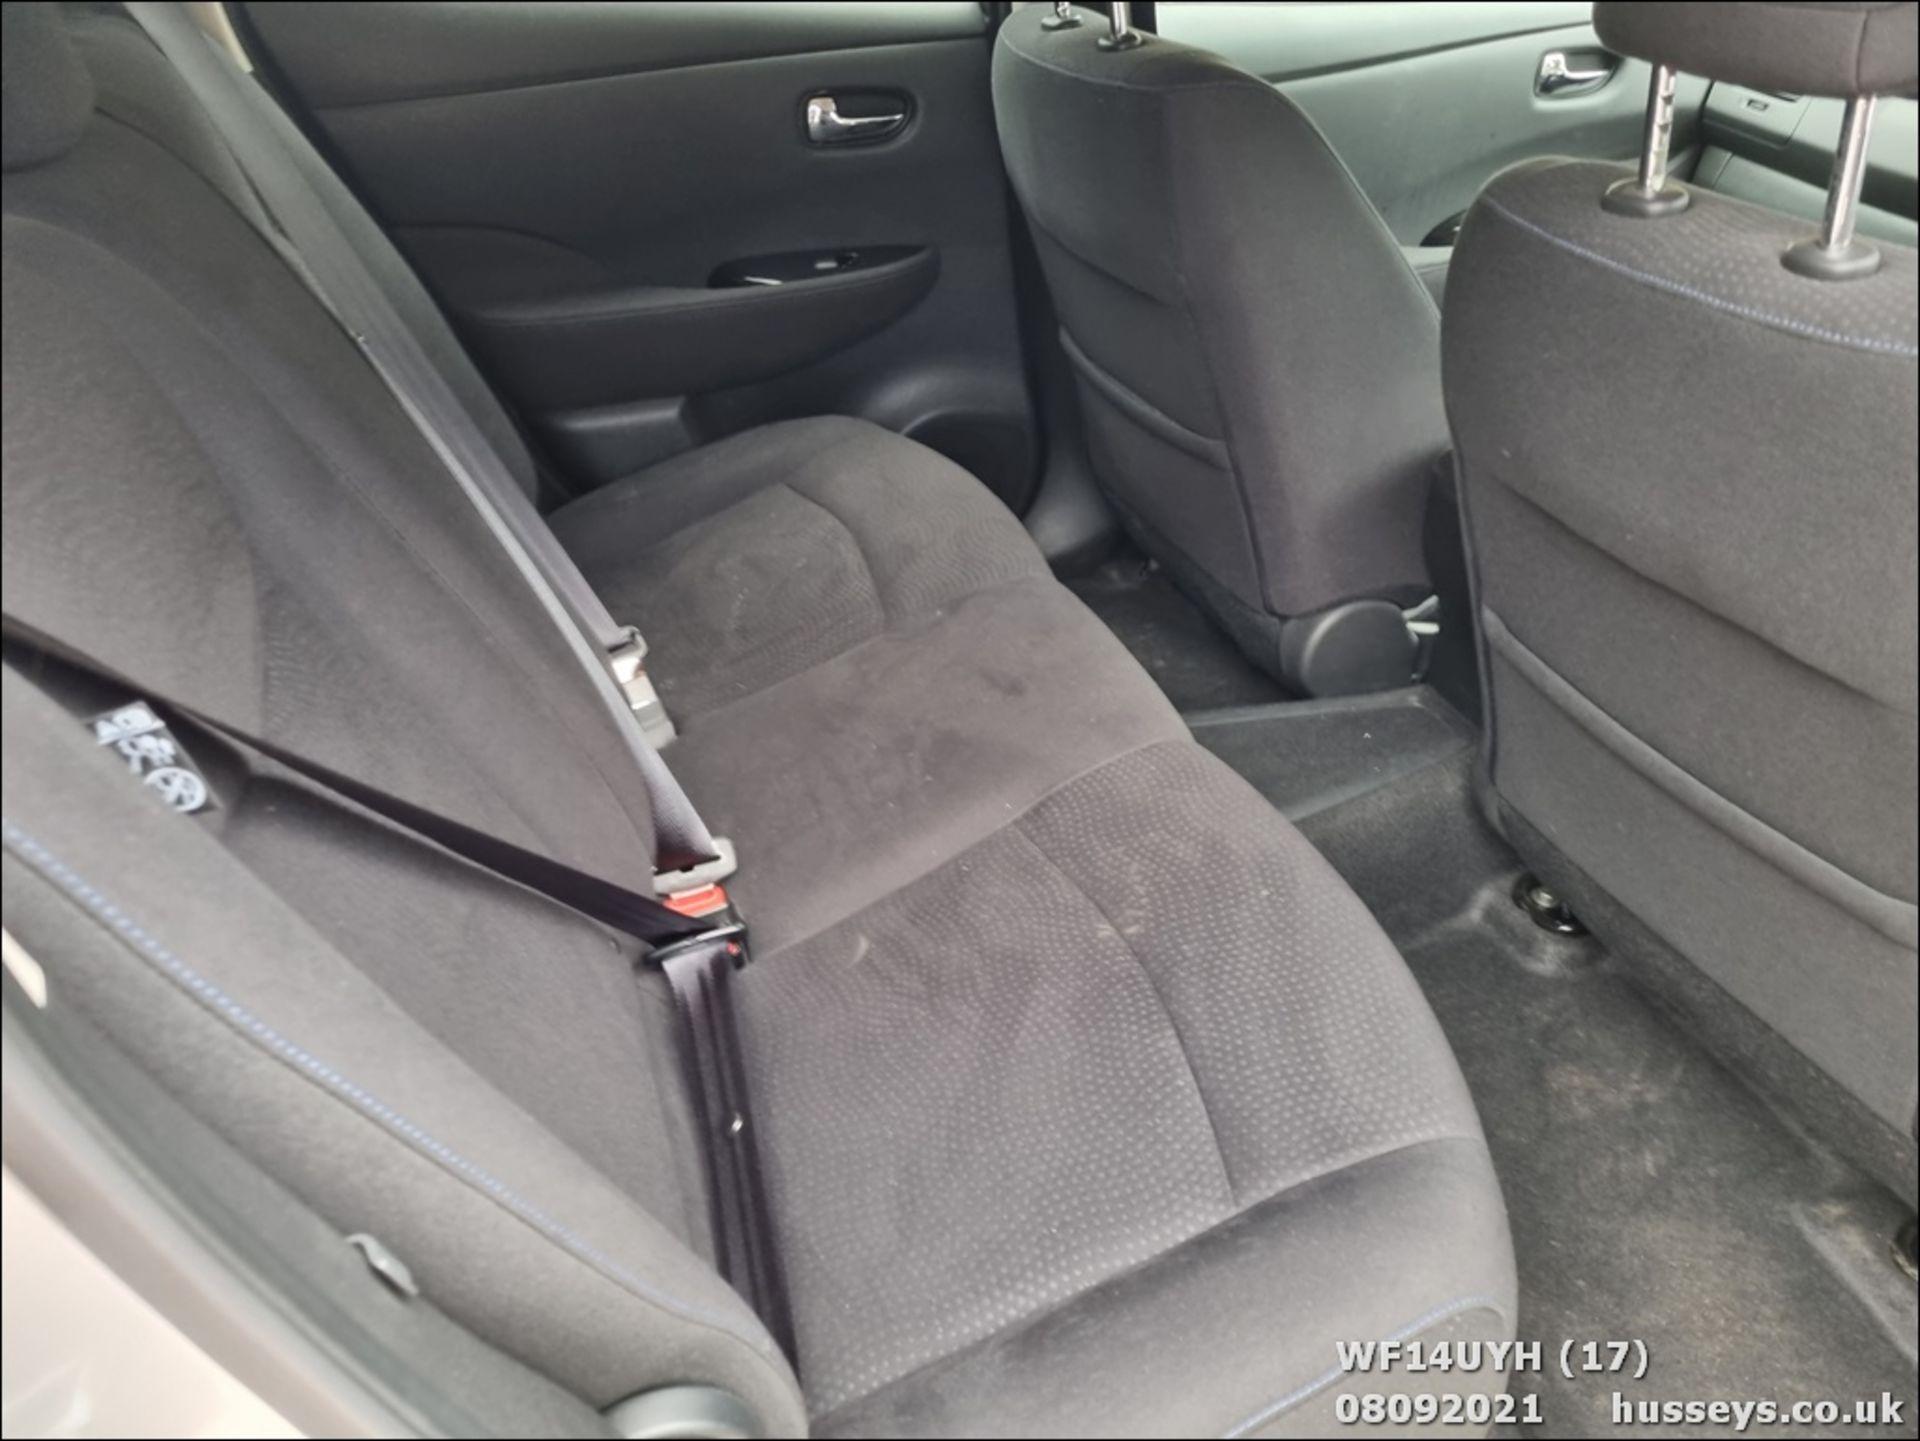 14/14 NISSAN LEAF ACENTA 5dr Hatchback (Silver, 18k) - Image 17 of 23